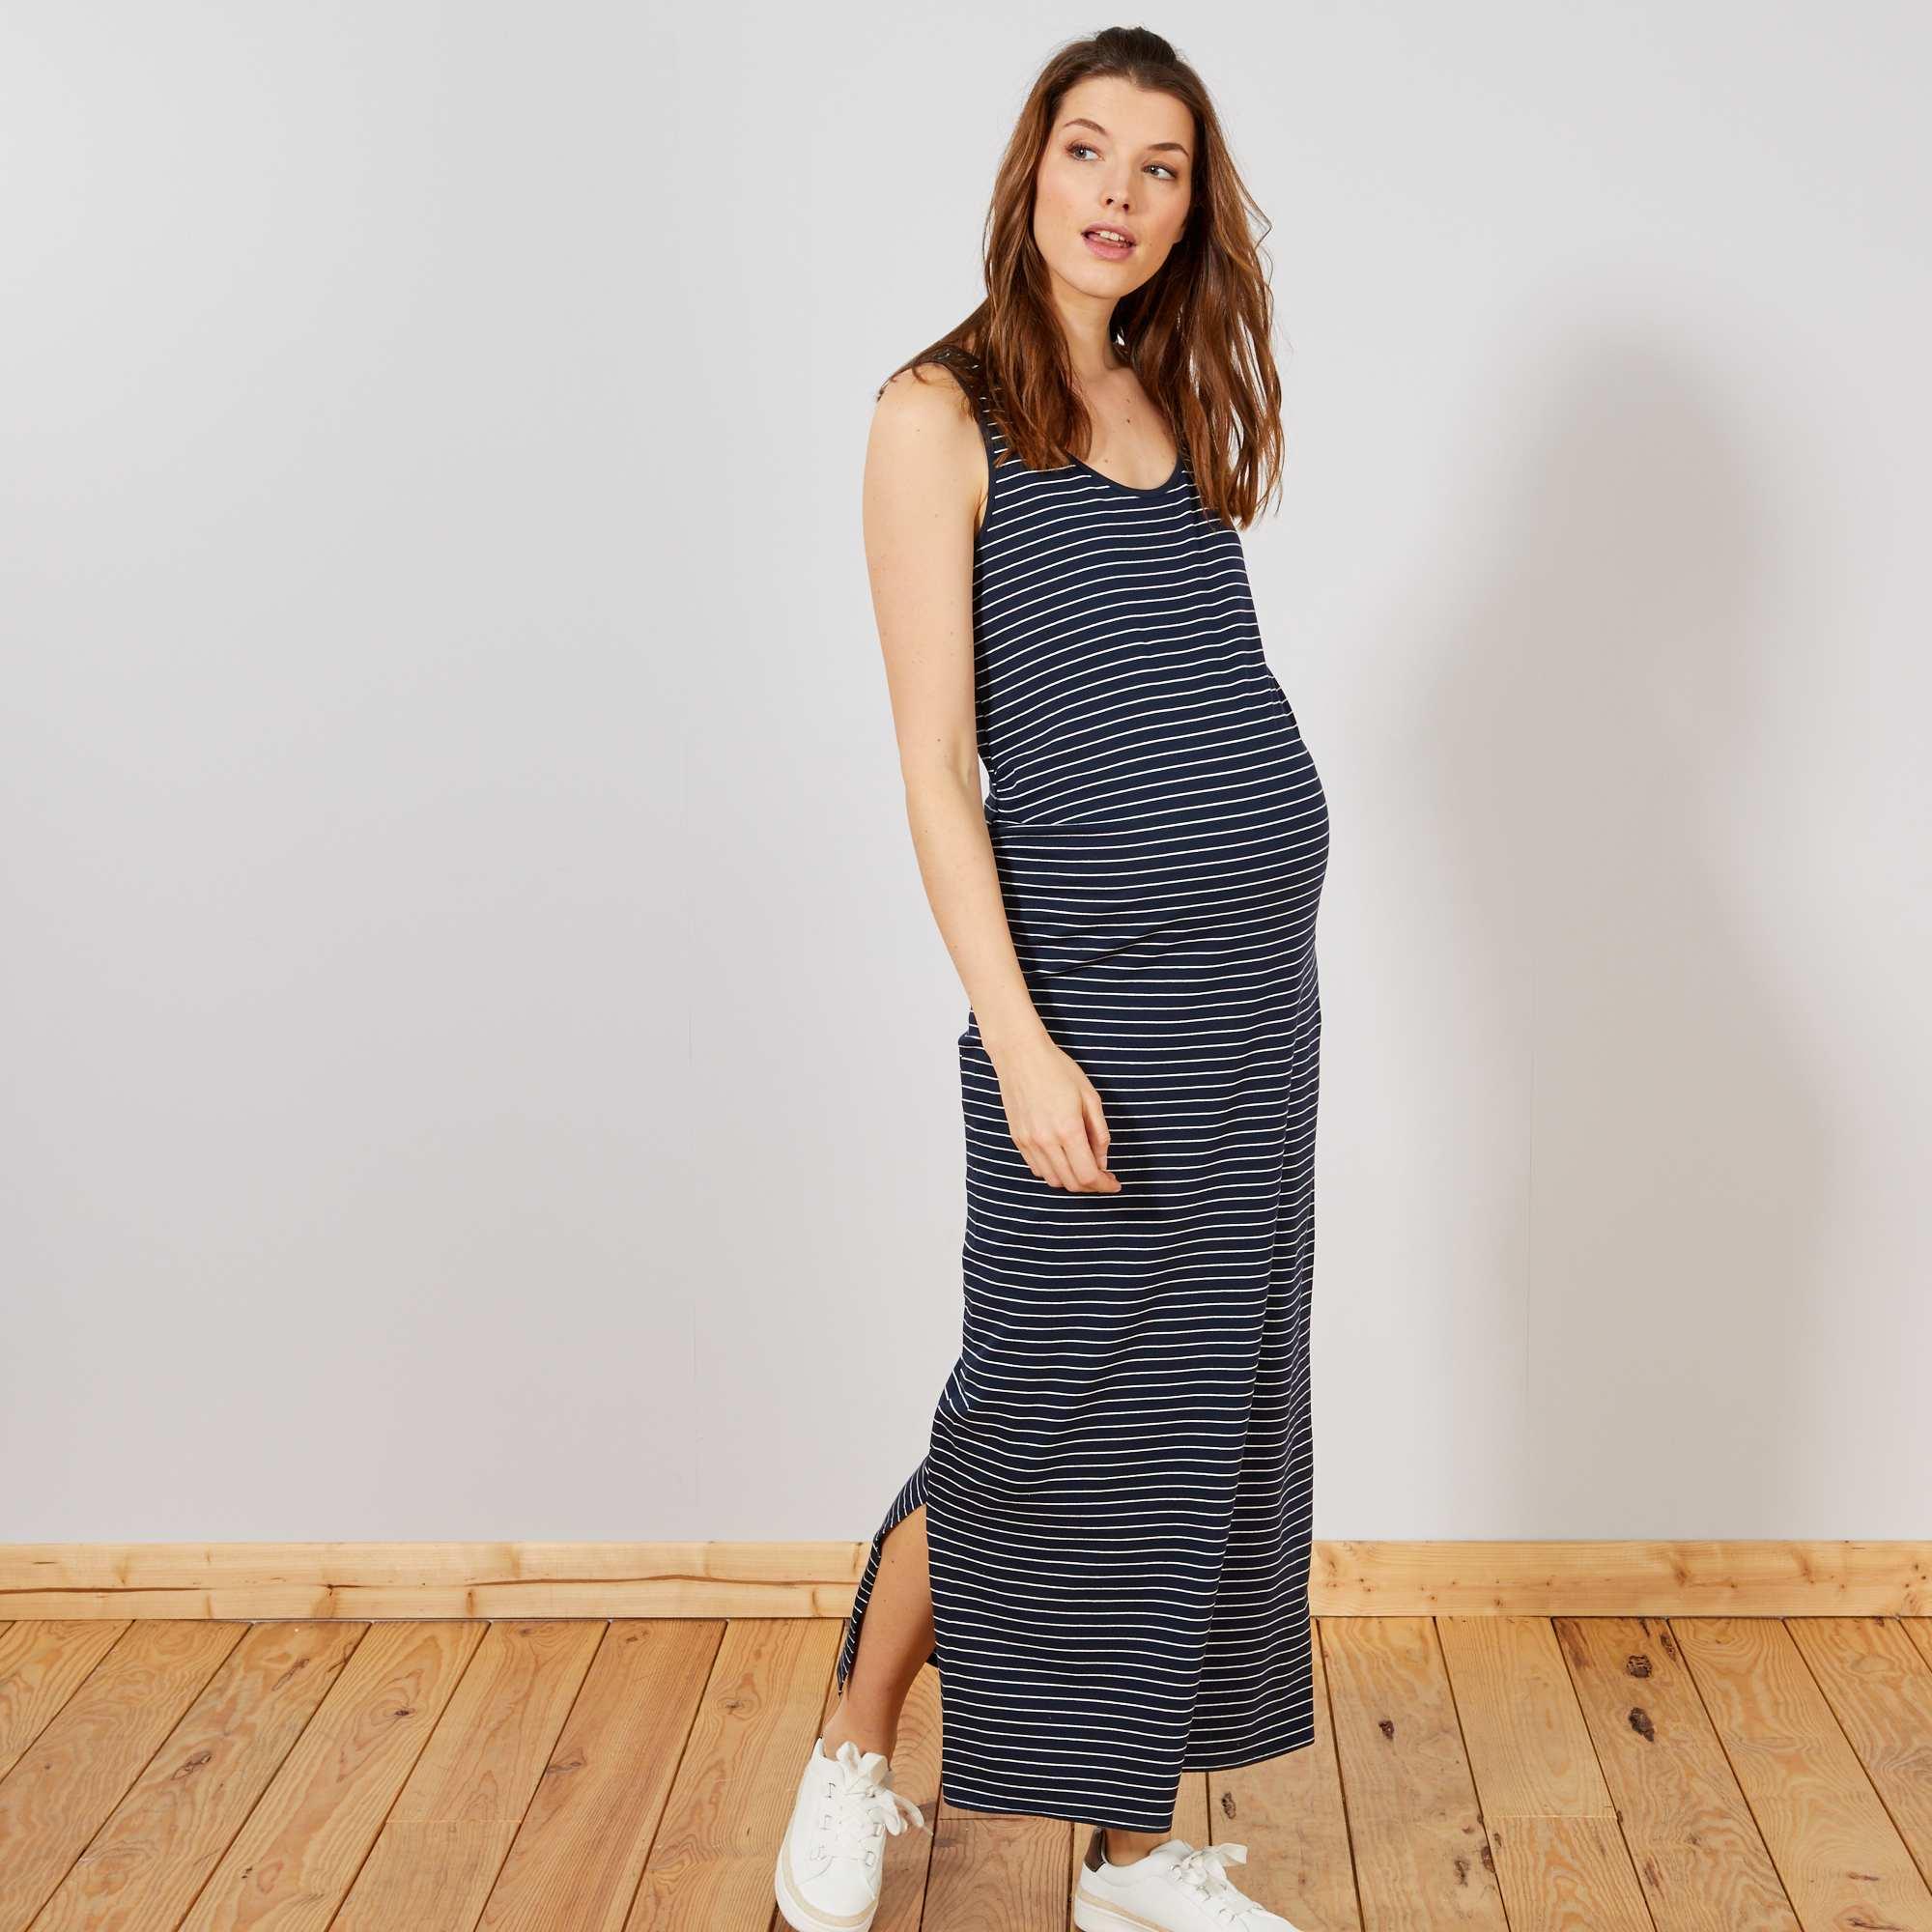 meilleure vente sur des coups de pieds de commander en ligne Longue 12 De Maternité Kiabi Robe Femme 00€ rBeQdxoWC